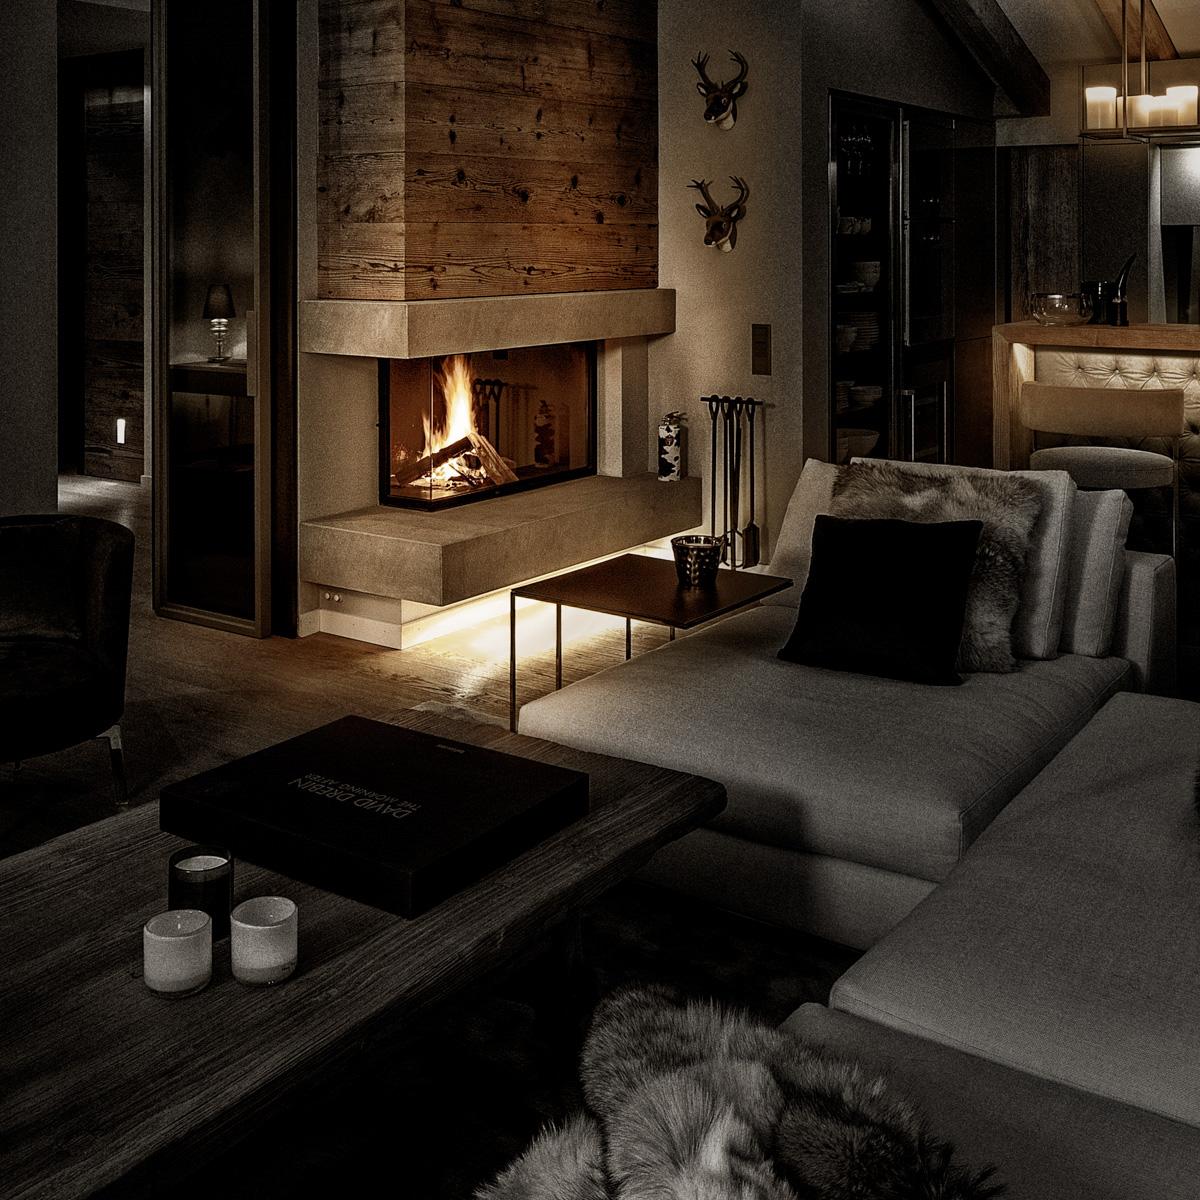 Interieurfotografie für Hotels ©Steffen STMA